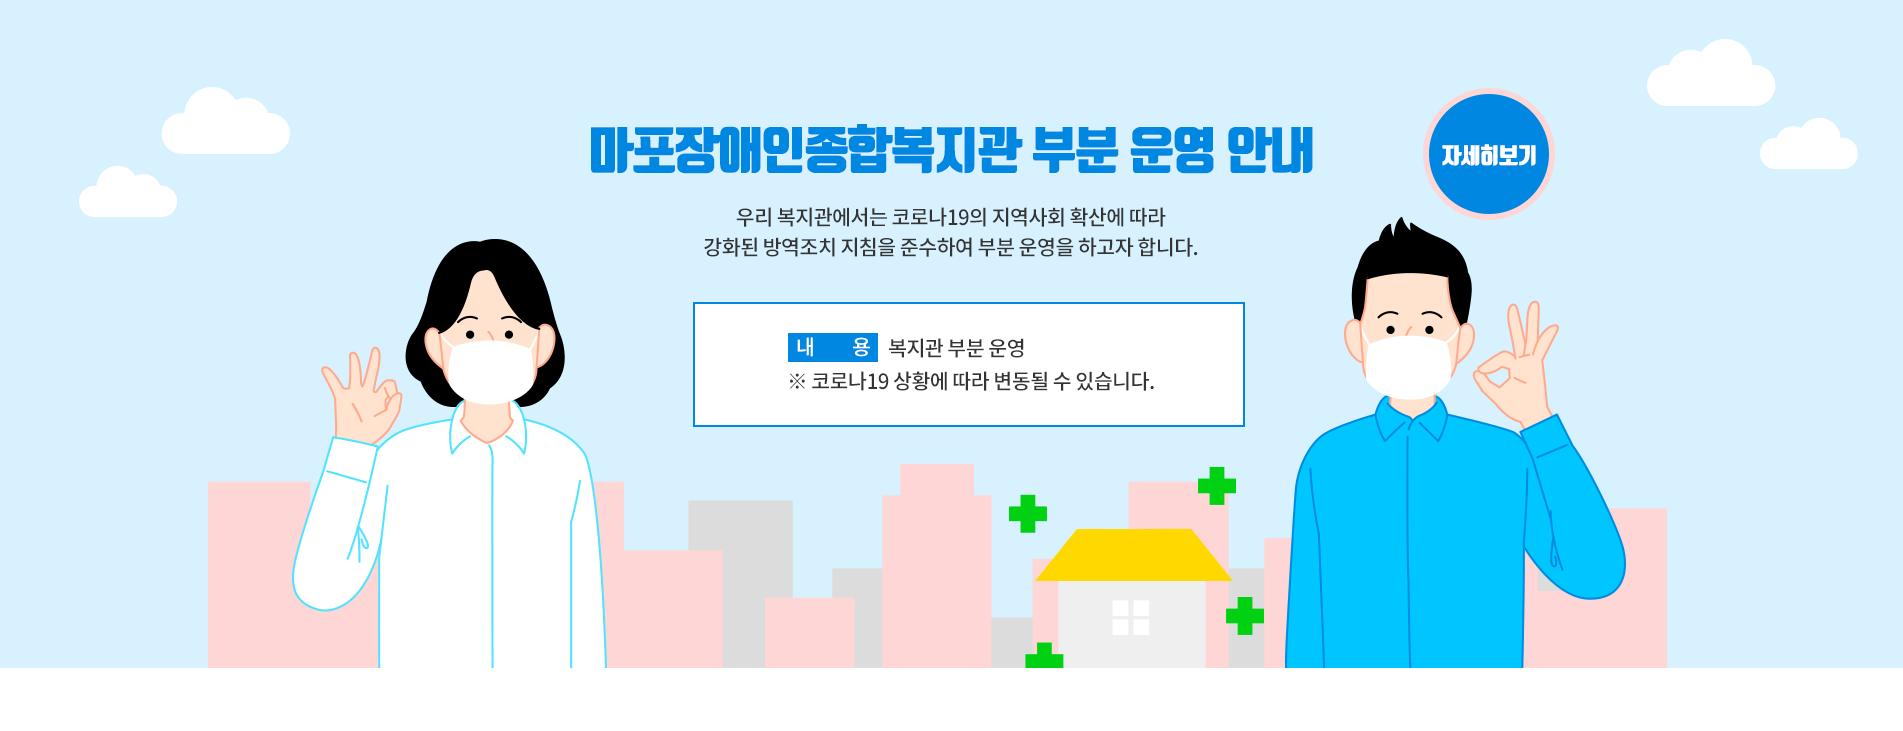 마포장애인종합복지관 부분 운영 안내